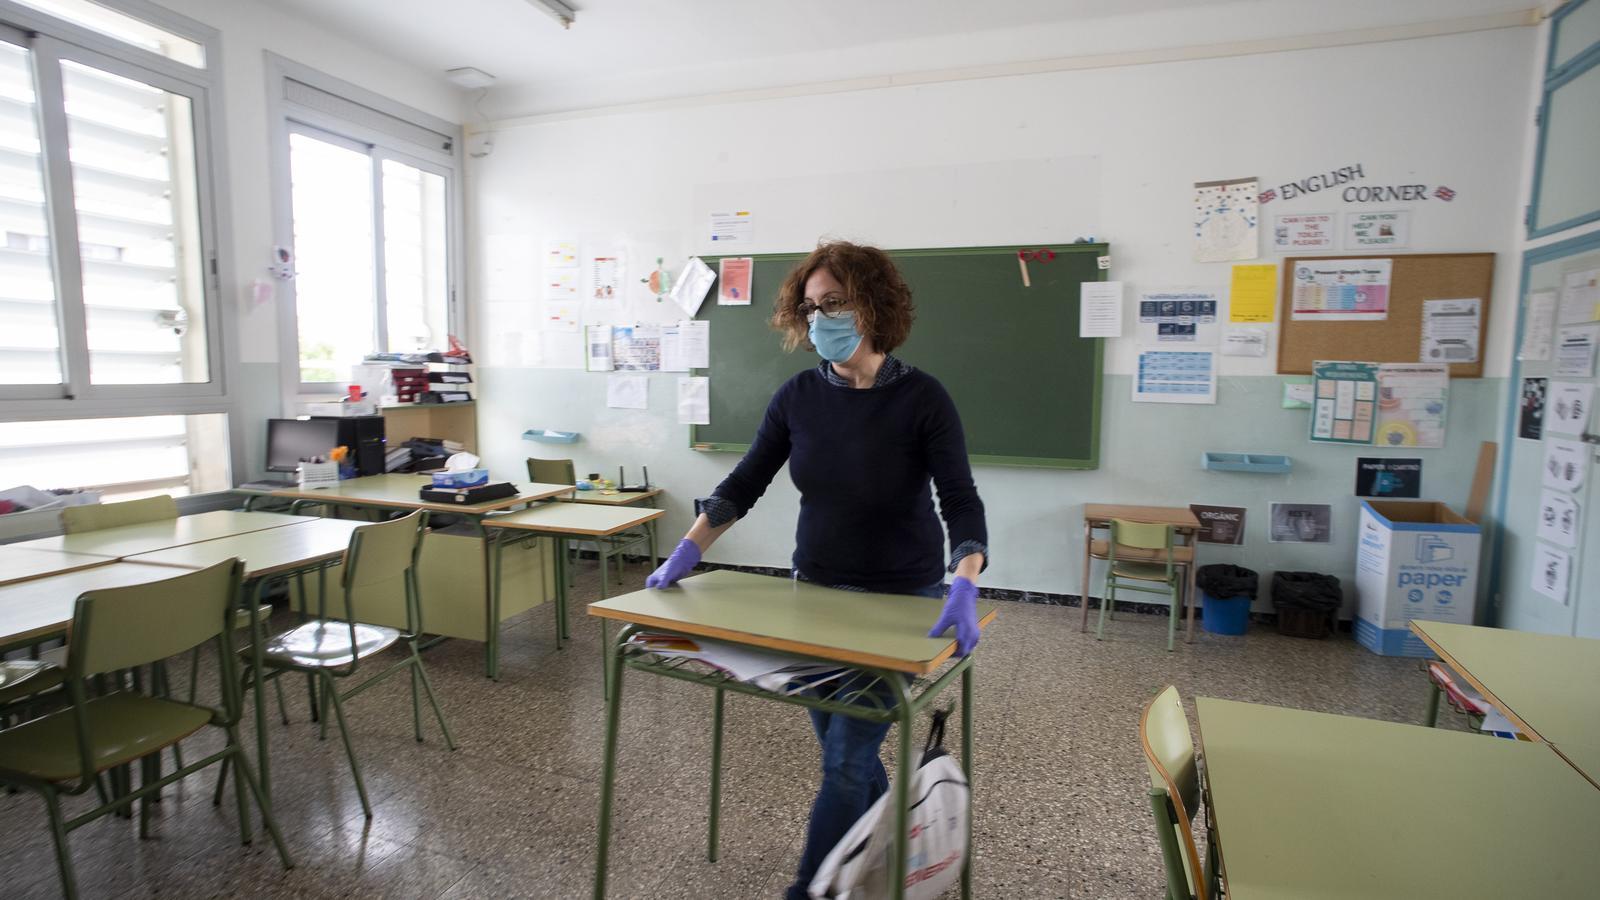 Alumnes i professors s'hauran de fer la PCR i aïllar-se 14 dies si hi ha un positiu al grup de convivència de l'escola